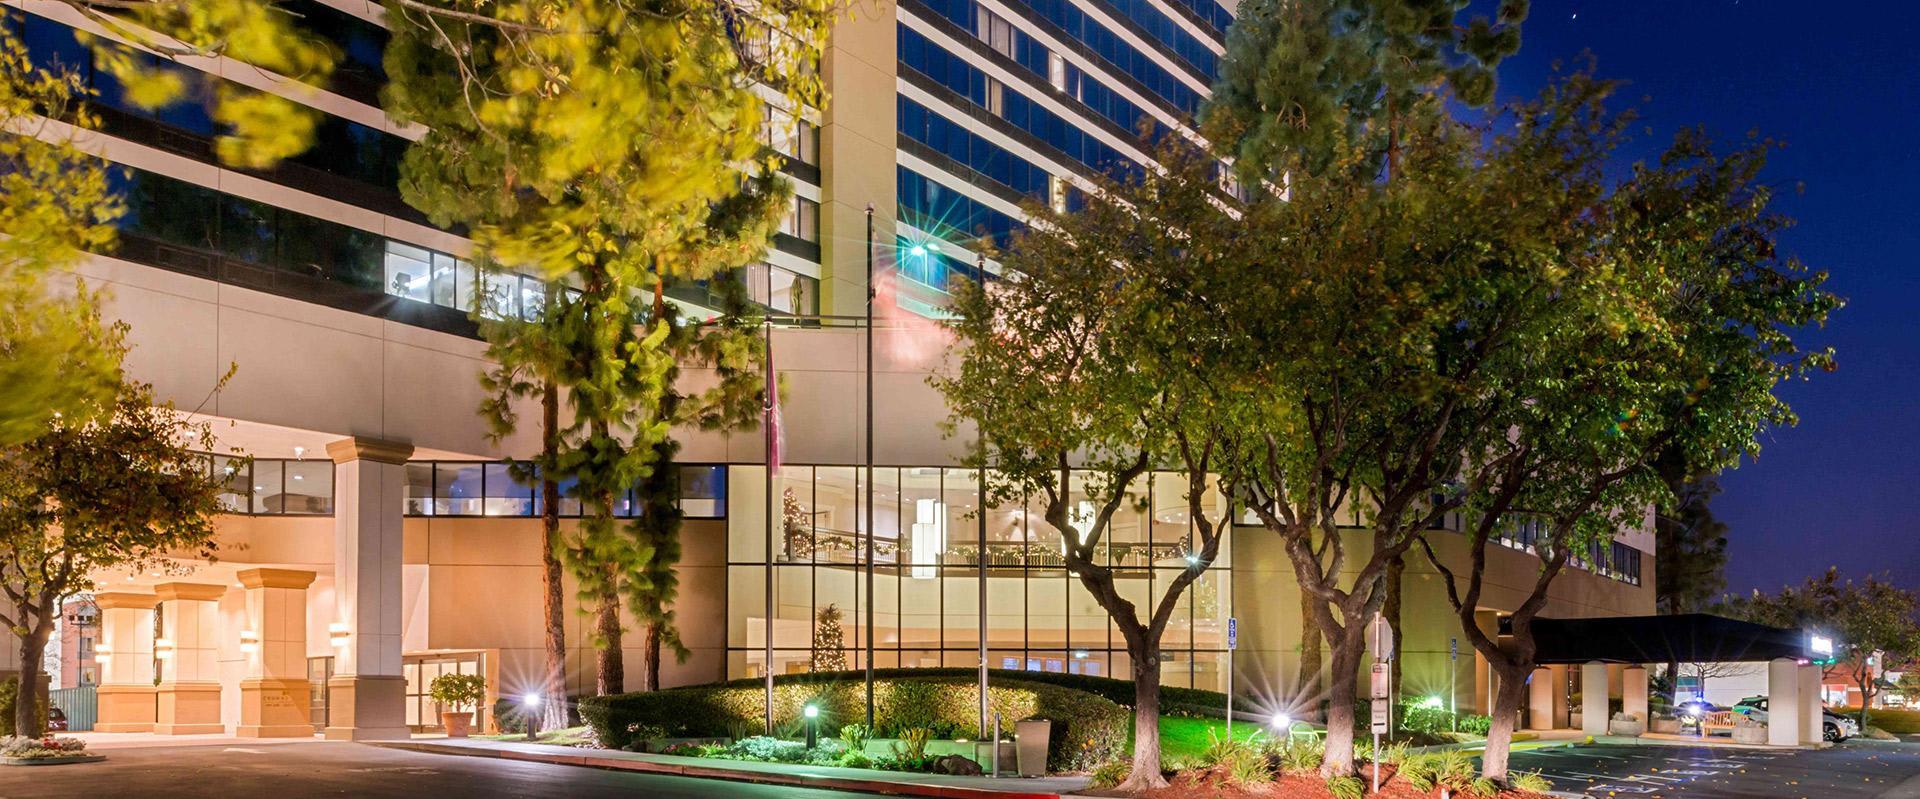 San Jose Hotel Exterior Entrance